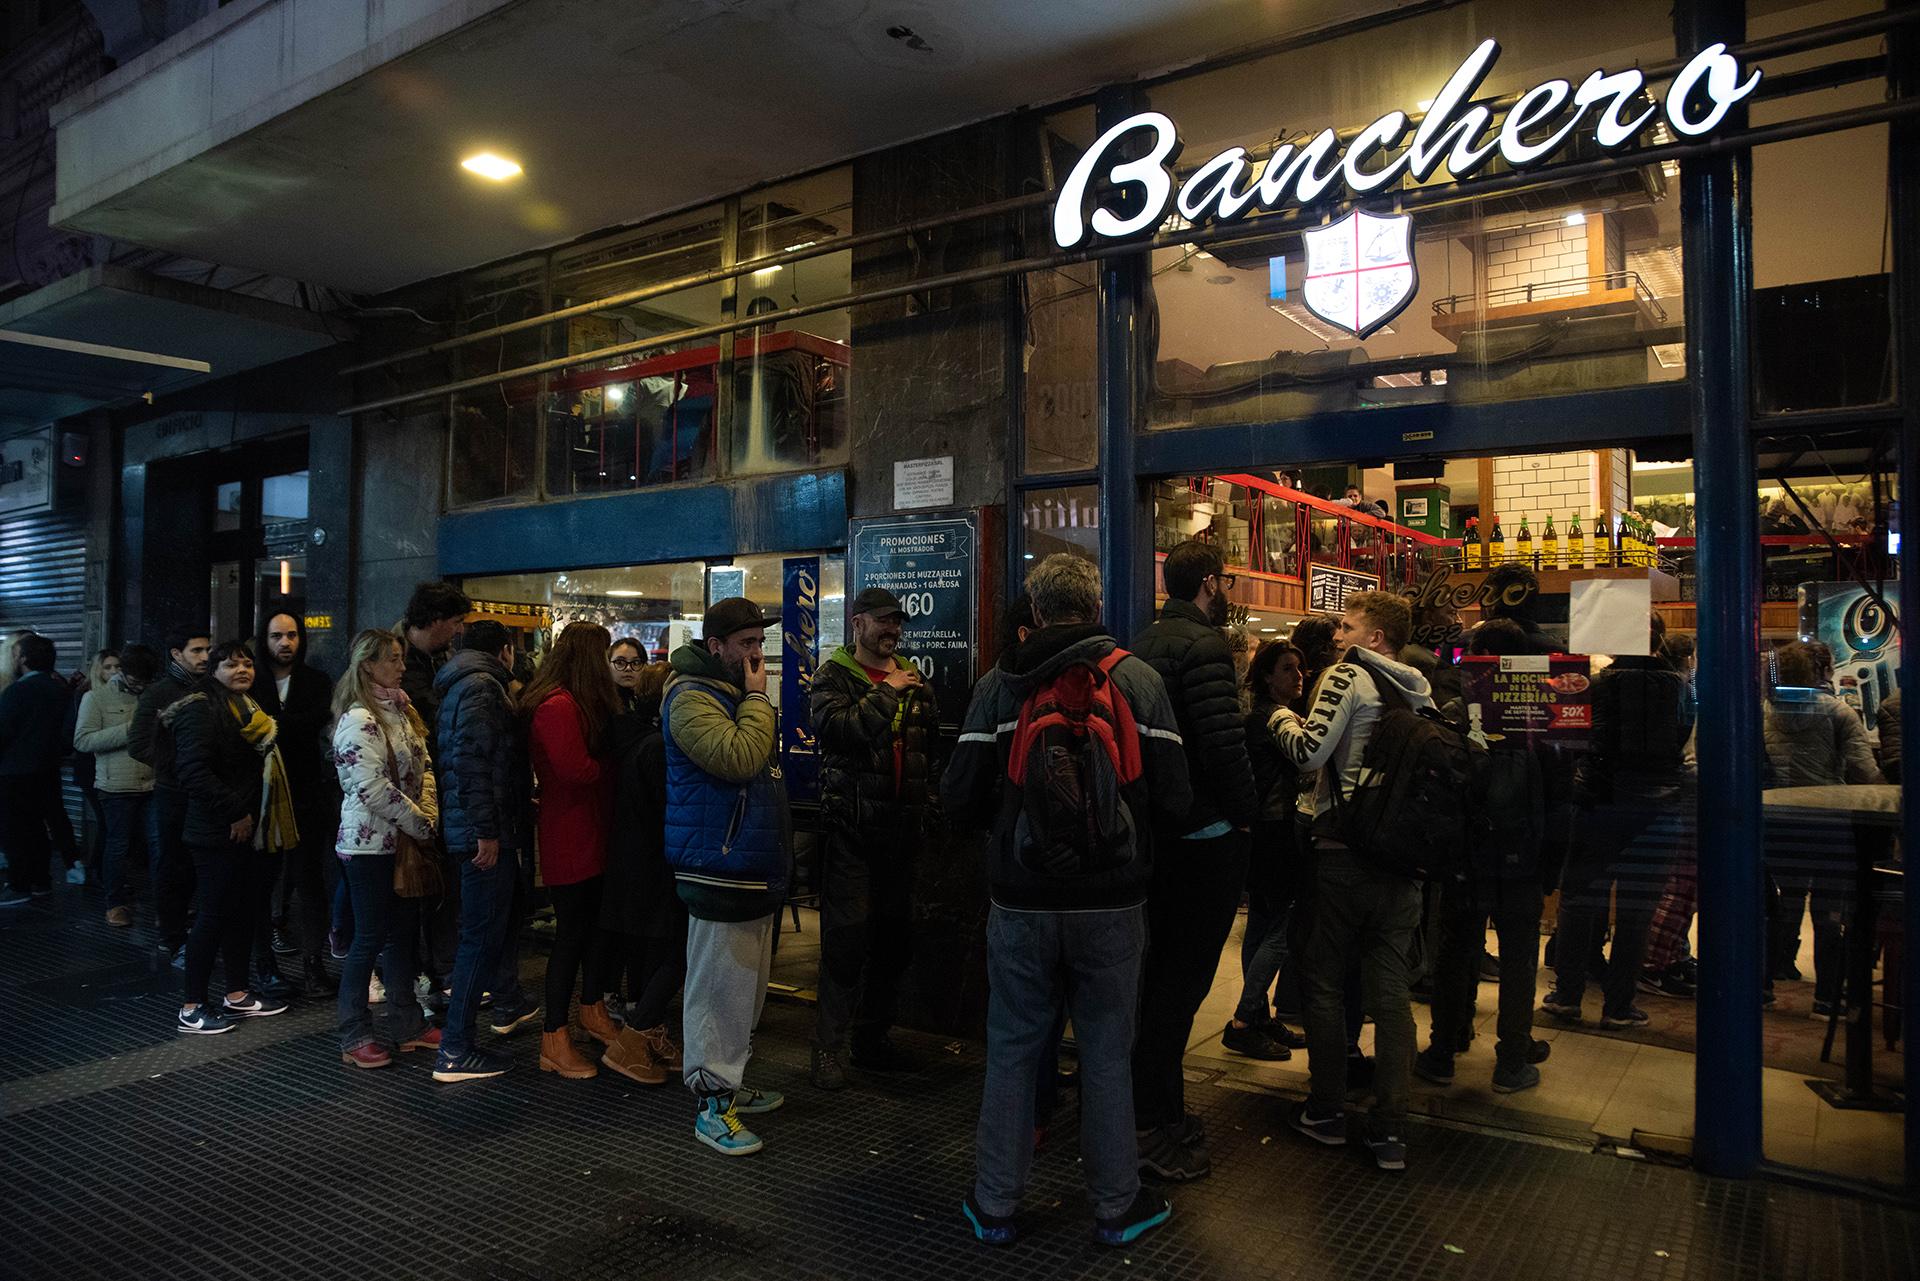 Comensales ansiosos haciendo fila en la puerta de Banchero esperando por una mesa en el salón de doble piso en la esquina de Avenida Corrientes y Talcahuano